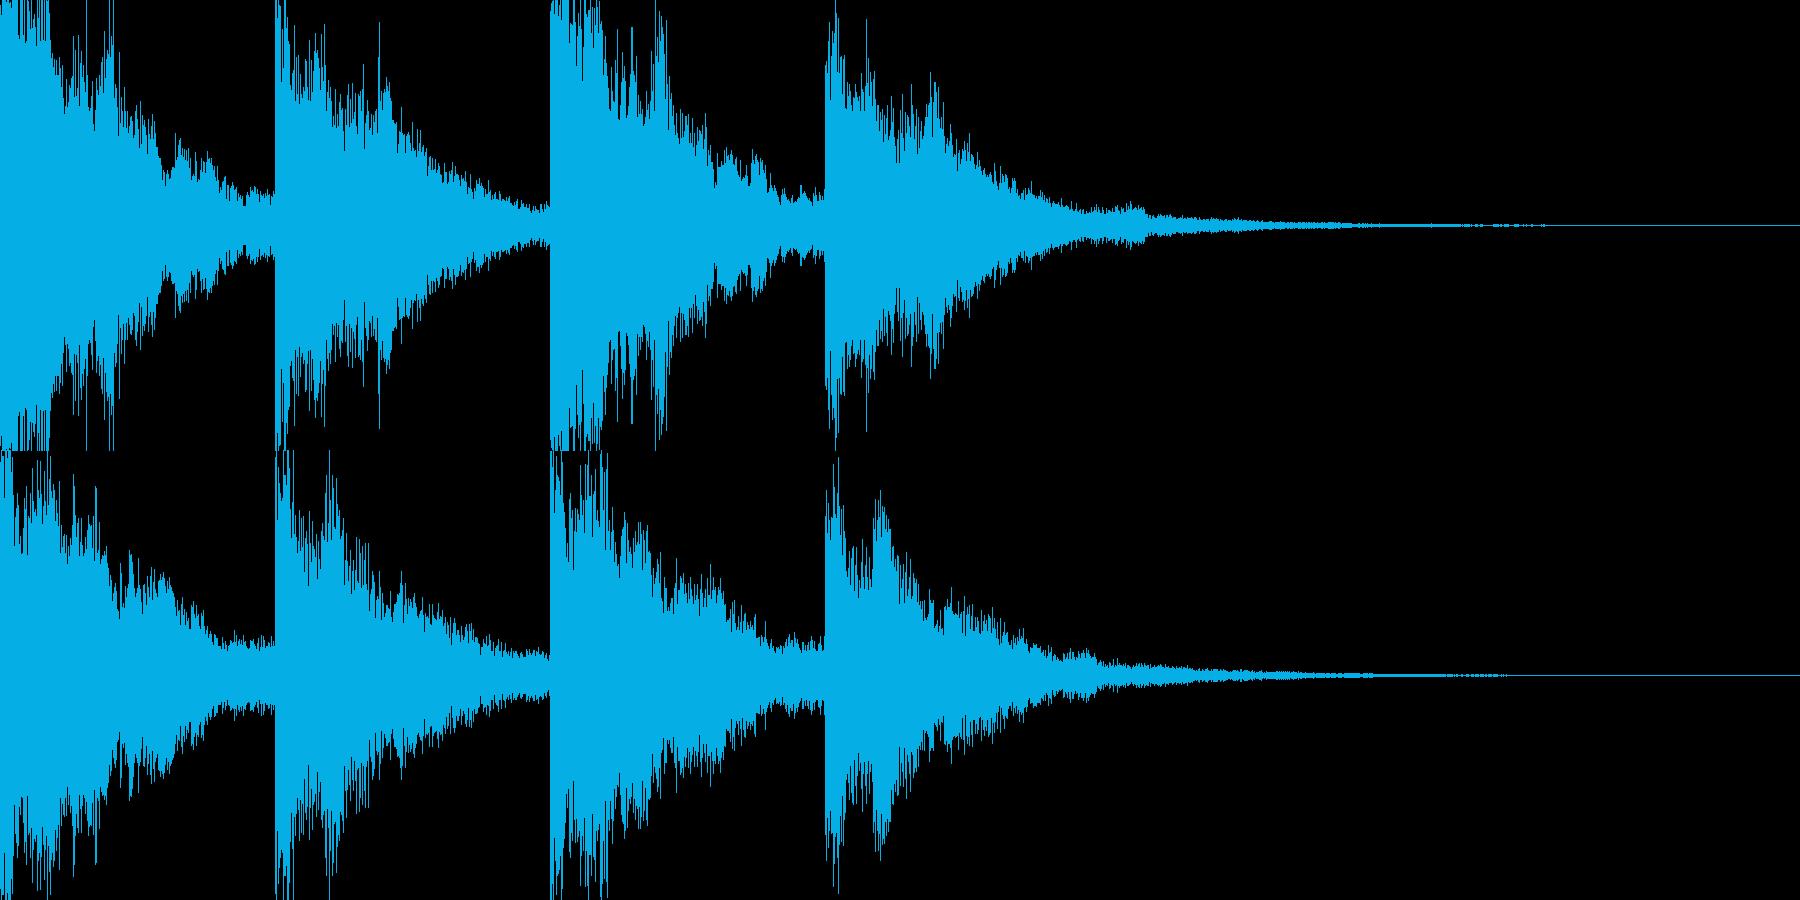 サウンドノベルに合いそうな音の再生済みの波形